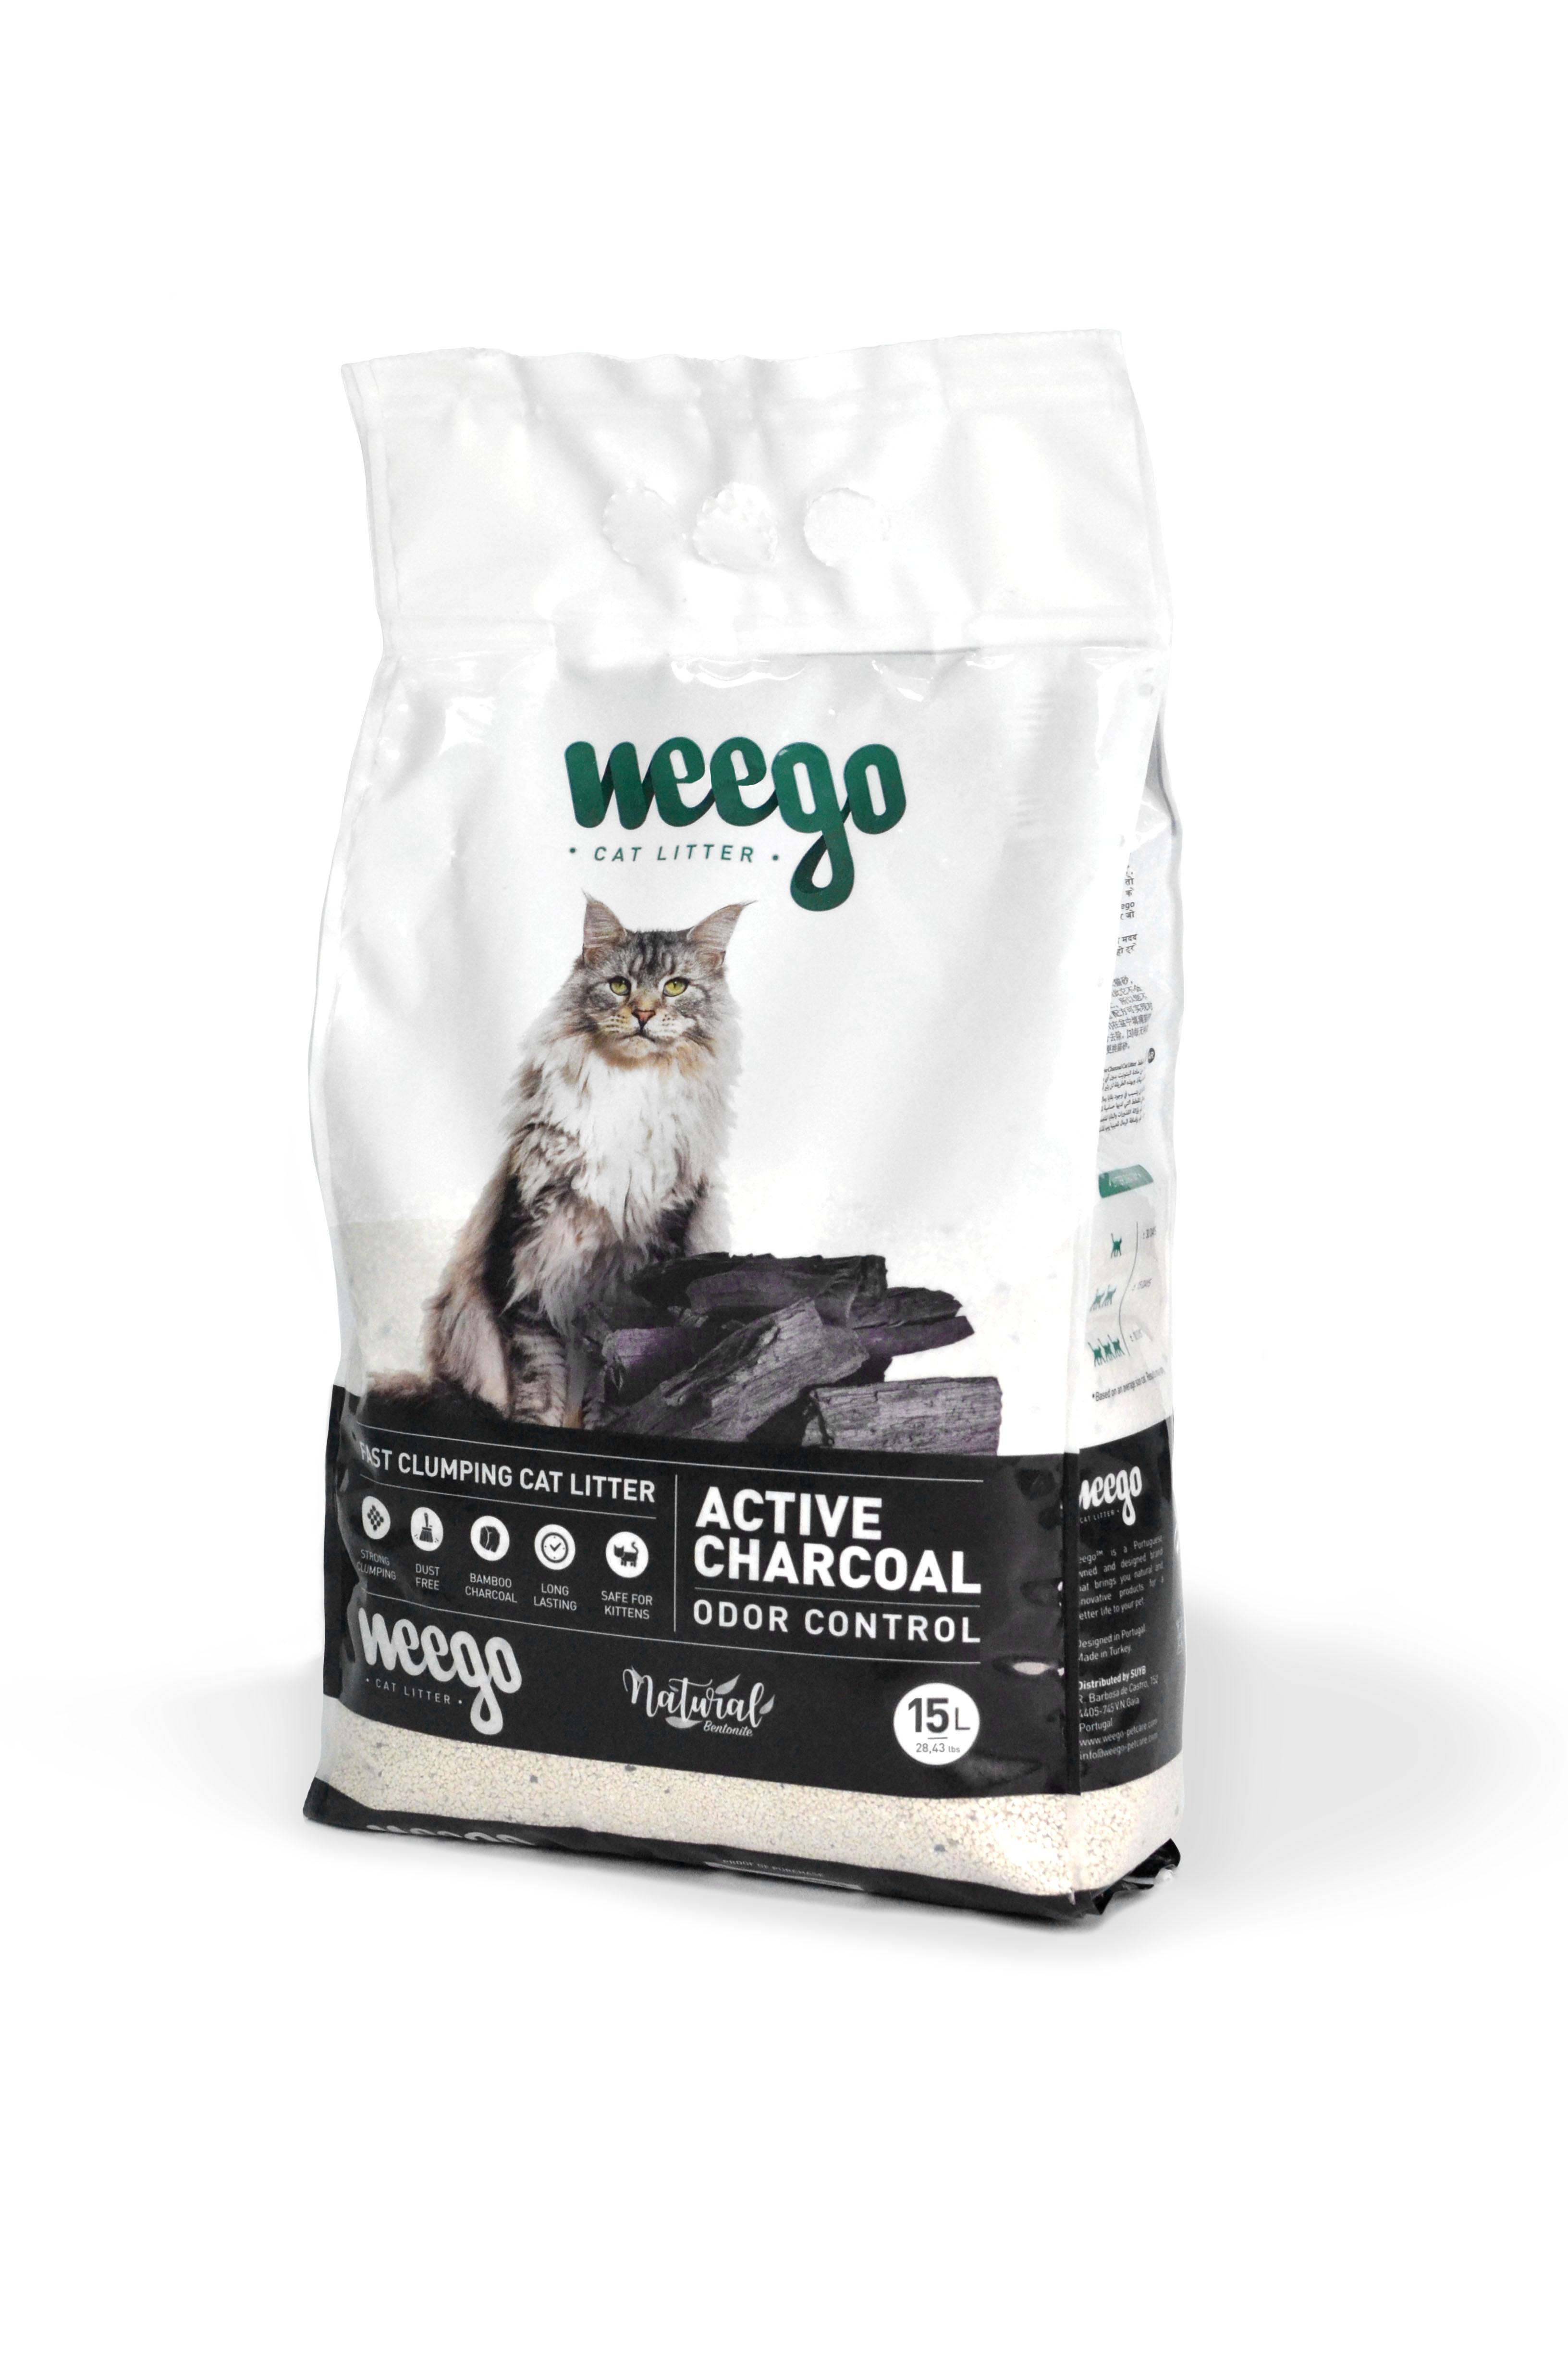 Areia para Gato Aglomerante Weego Active Charcoal 15 lt